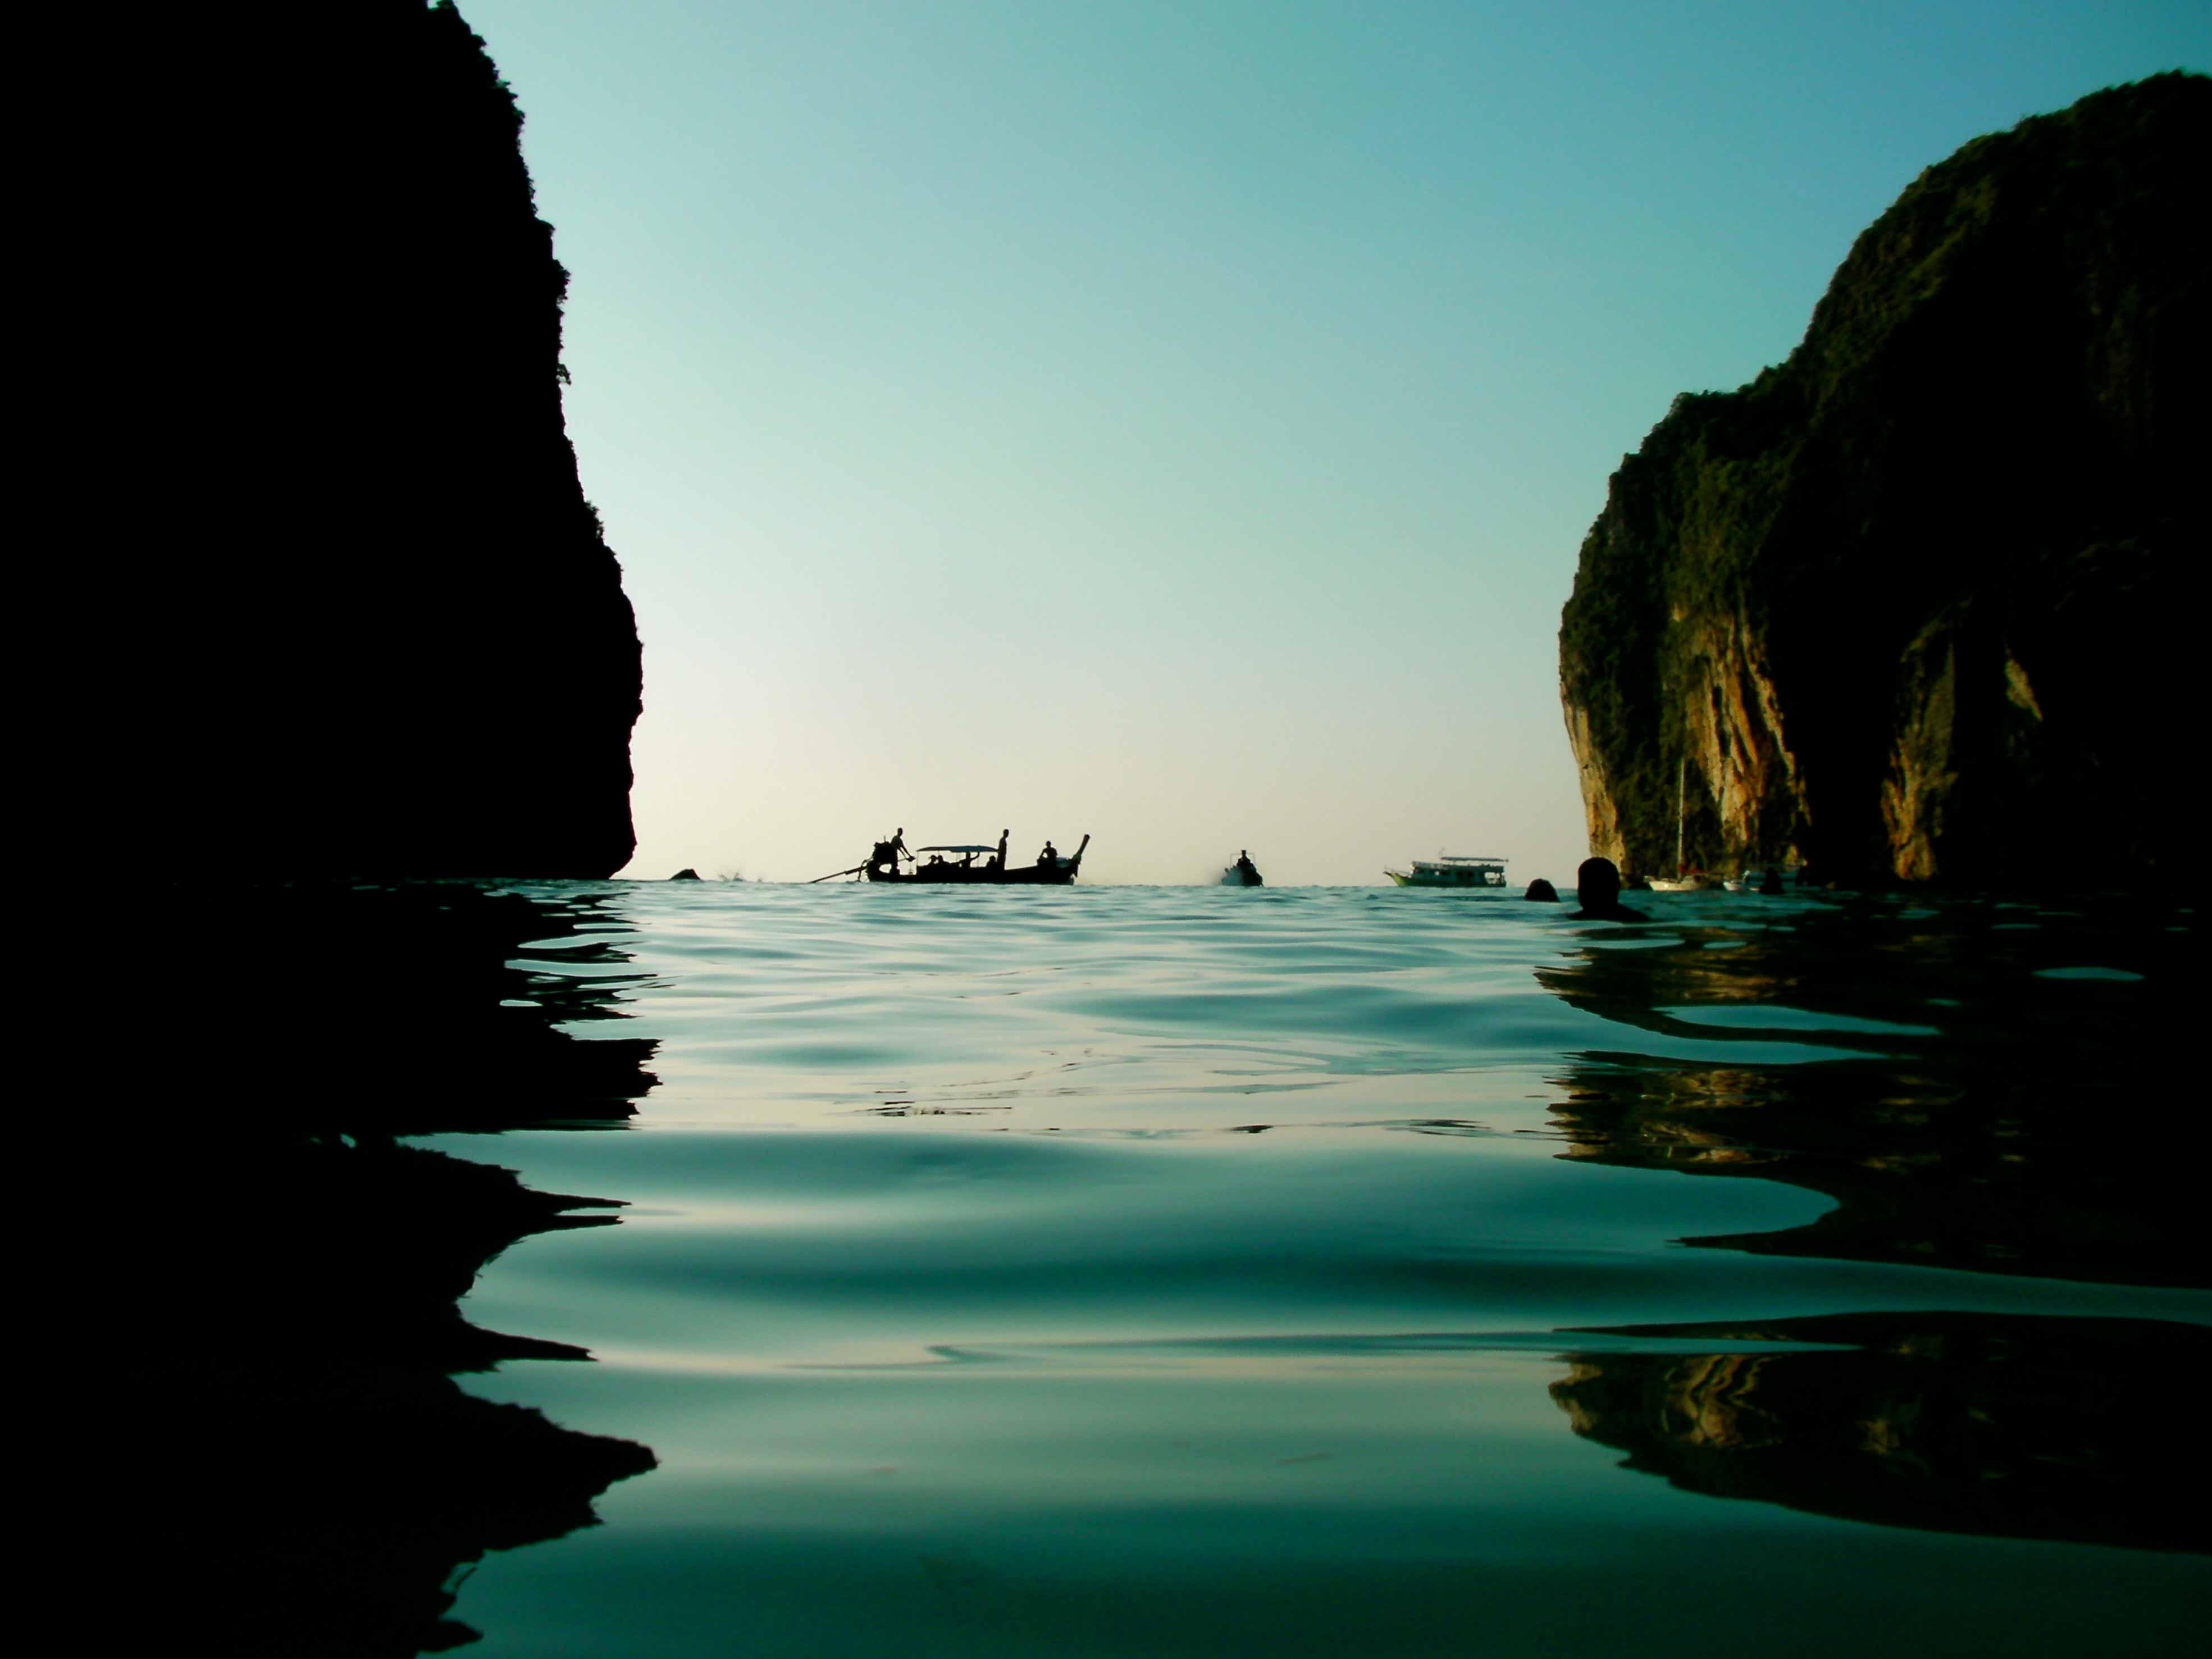 3 semaines en Thaïlande  3 semaines en Thaïlande  3 semaines en Thaïlande  3 semaines en Thaïlande  3 semaines en Thaïlande  3 semaines en Thaïlande  3 semaines en Thaïlande